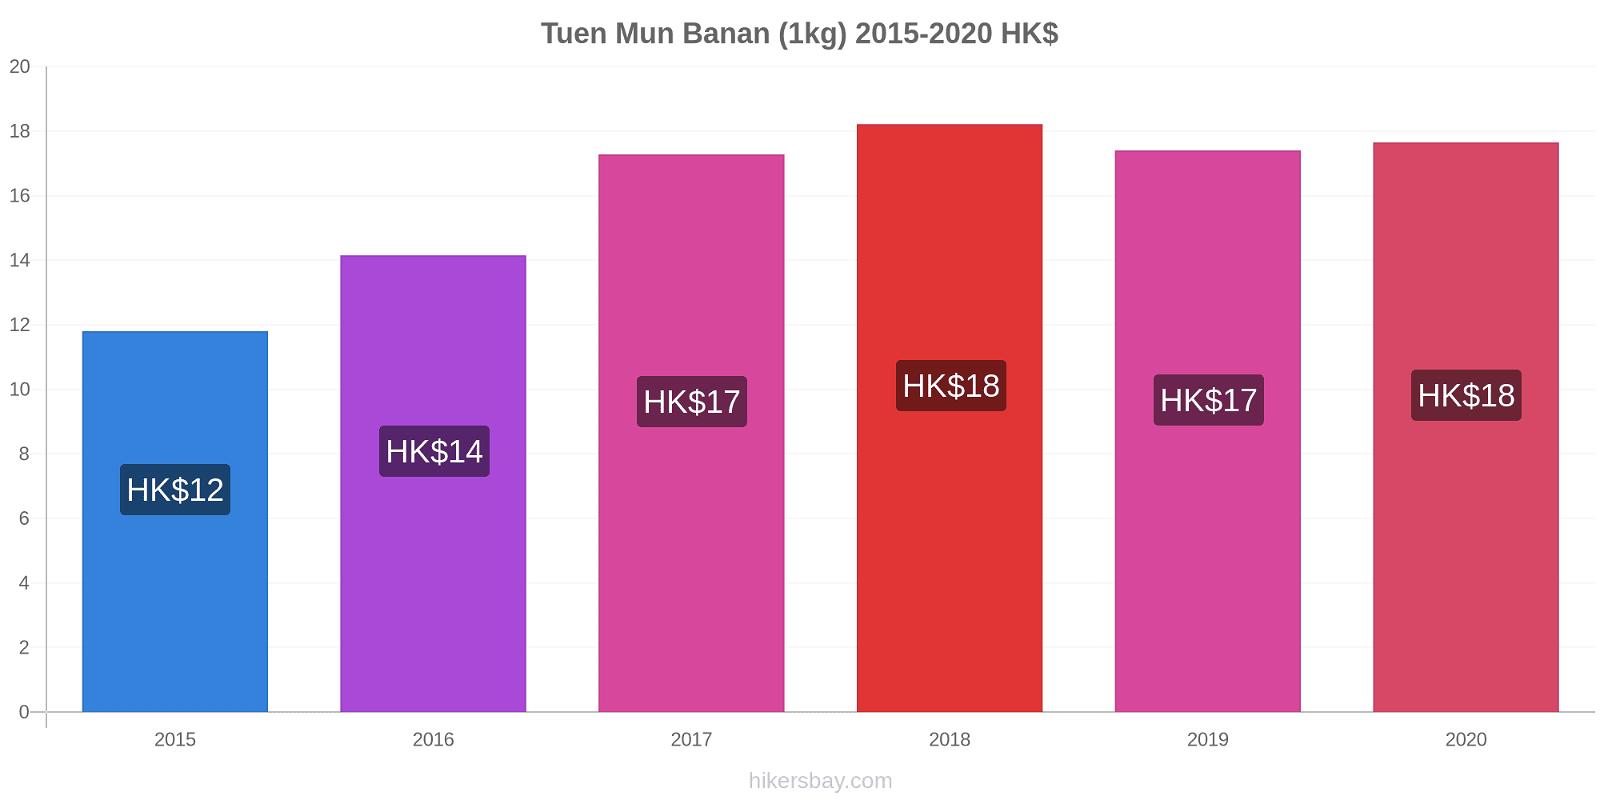 Tuen Mun prisendringer Banan (1kg) hikersbay.com